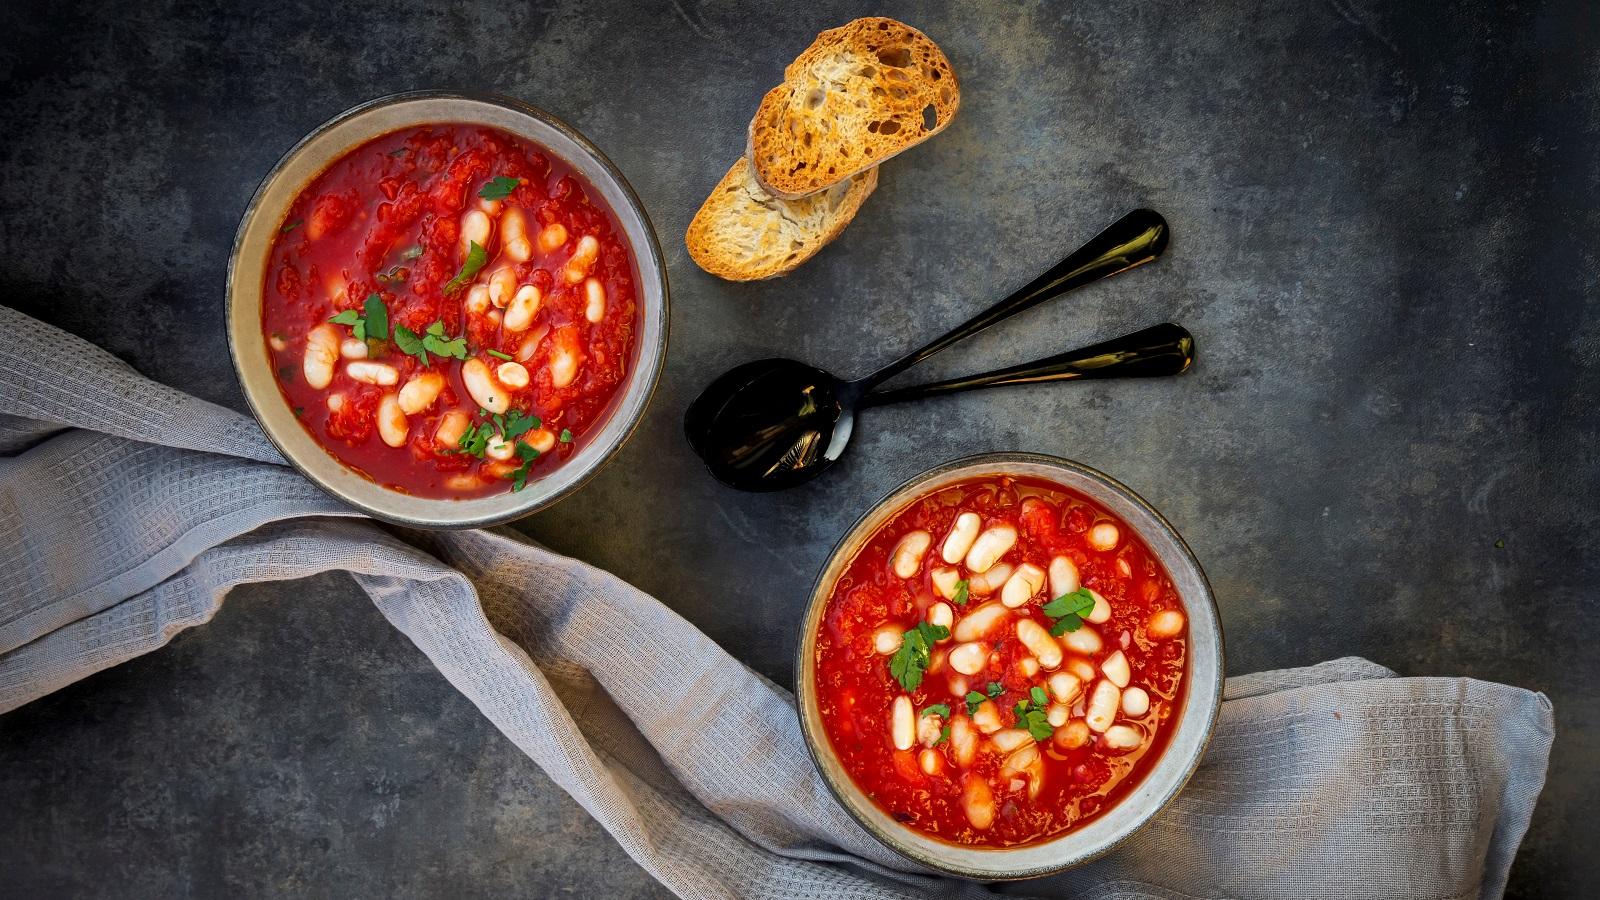 Zwei Schüsseln gefüllt mit jeweils einer Portion der tomatensuppe mit gerösteten Tomaten und Cannelli-Bohnen mit Petersilie garniert, neben zwei Löffeln, zwei Scheiben geröstetem Brot und einem Küchentuch, vor einem dunklen Hintergrund von oben.